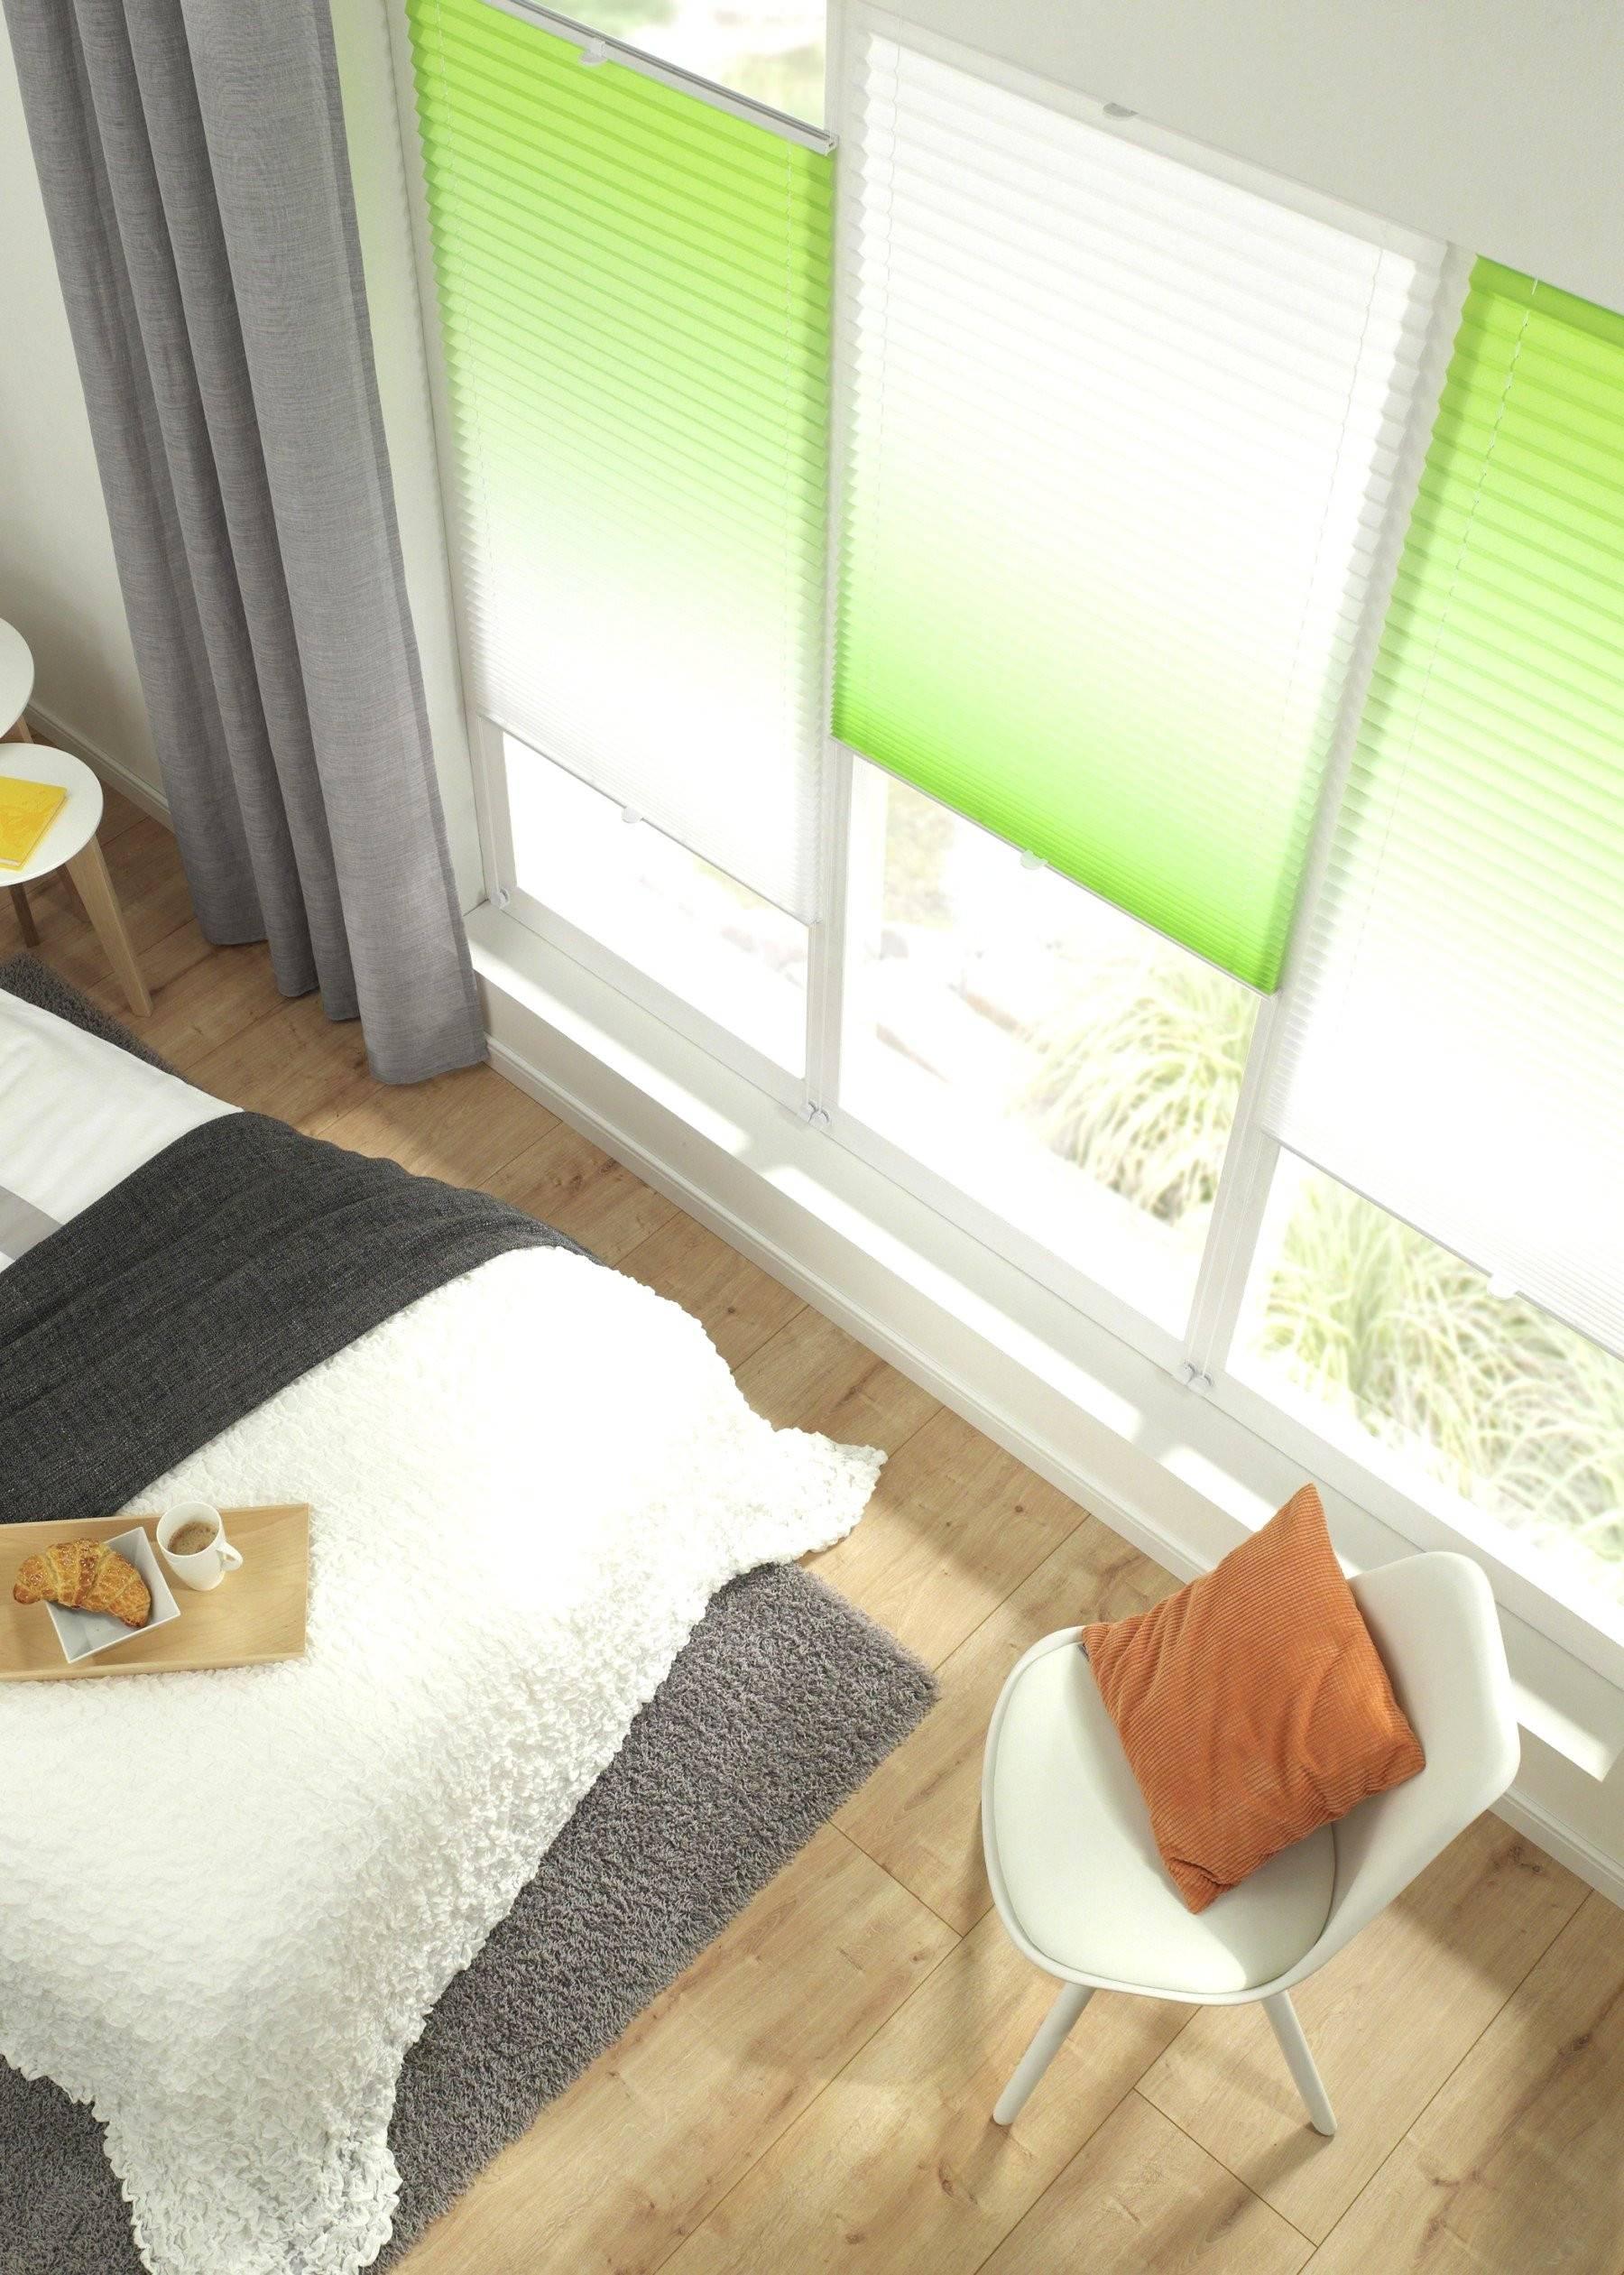 wohnzimmer innen design luxury wohnzimmer fenster gardinen neu plissee wohnzimmer 0d design ideen of wohnzimmer innen design